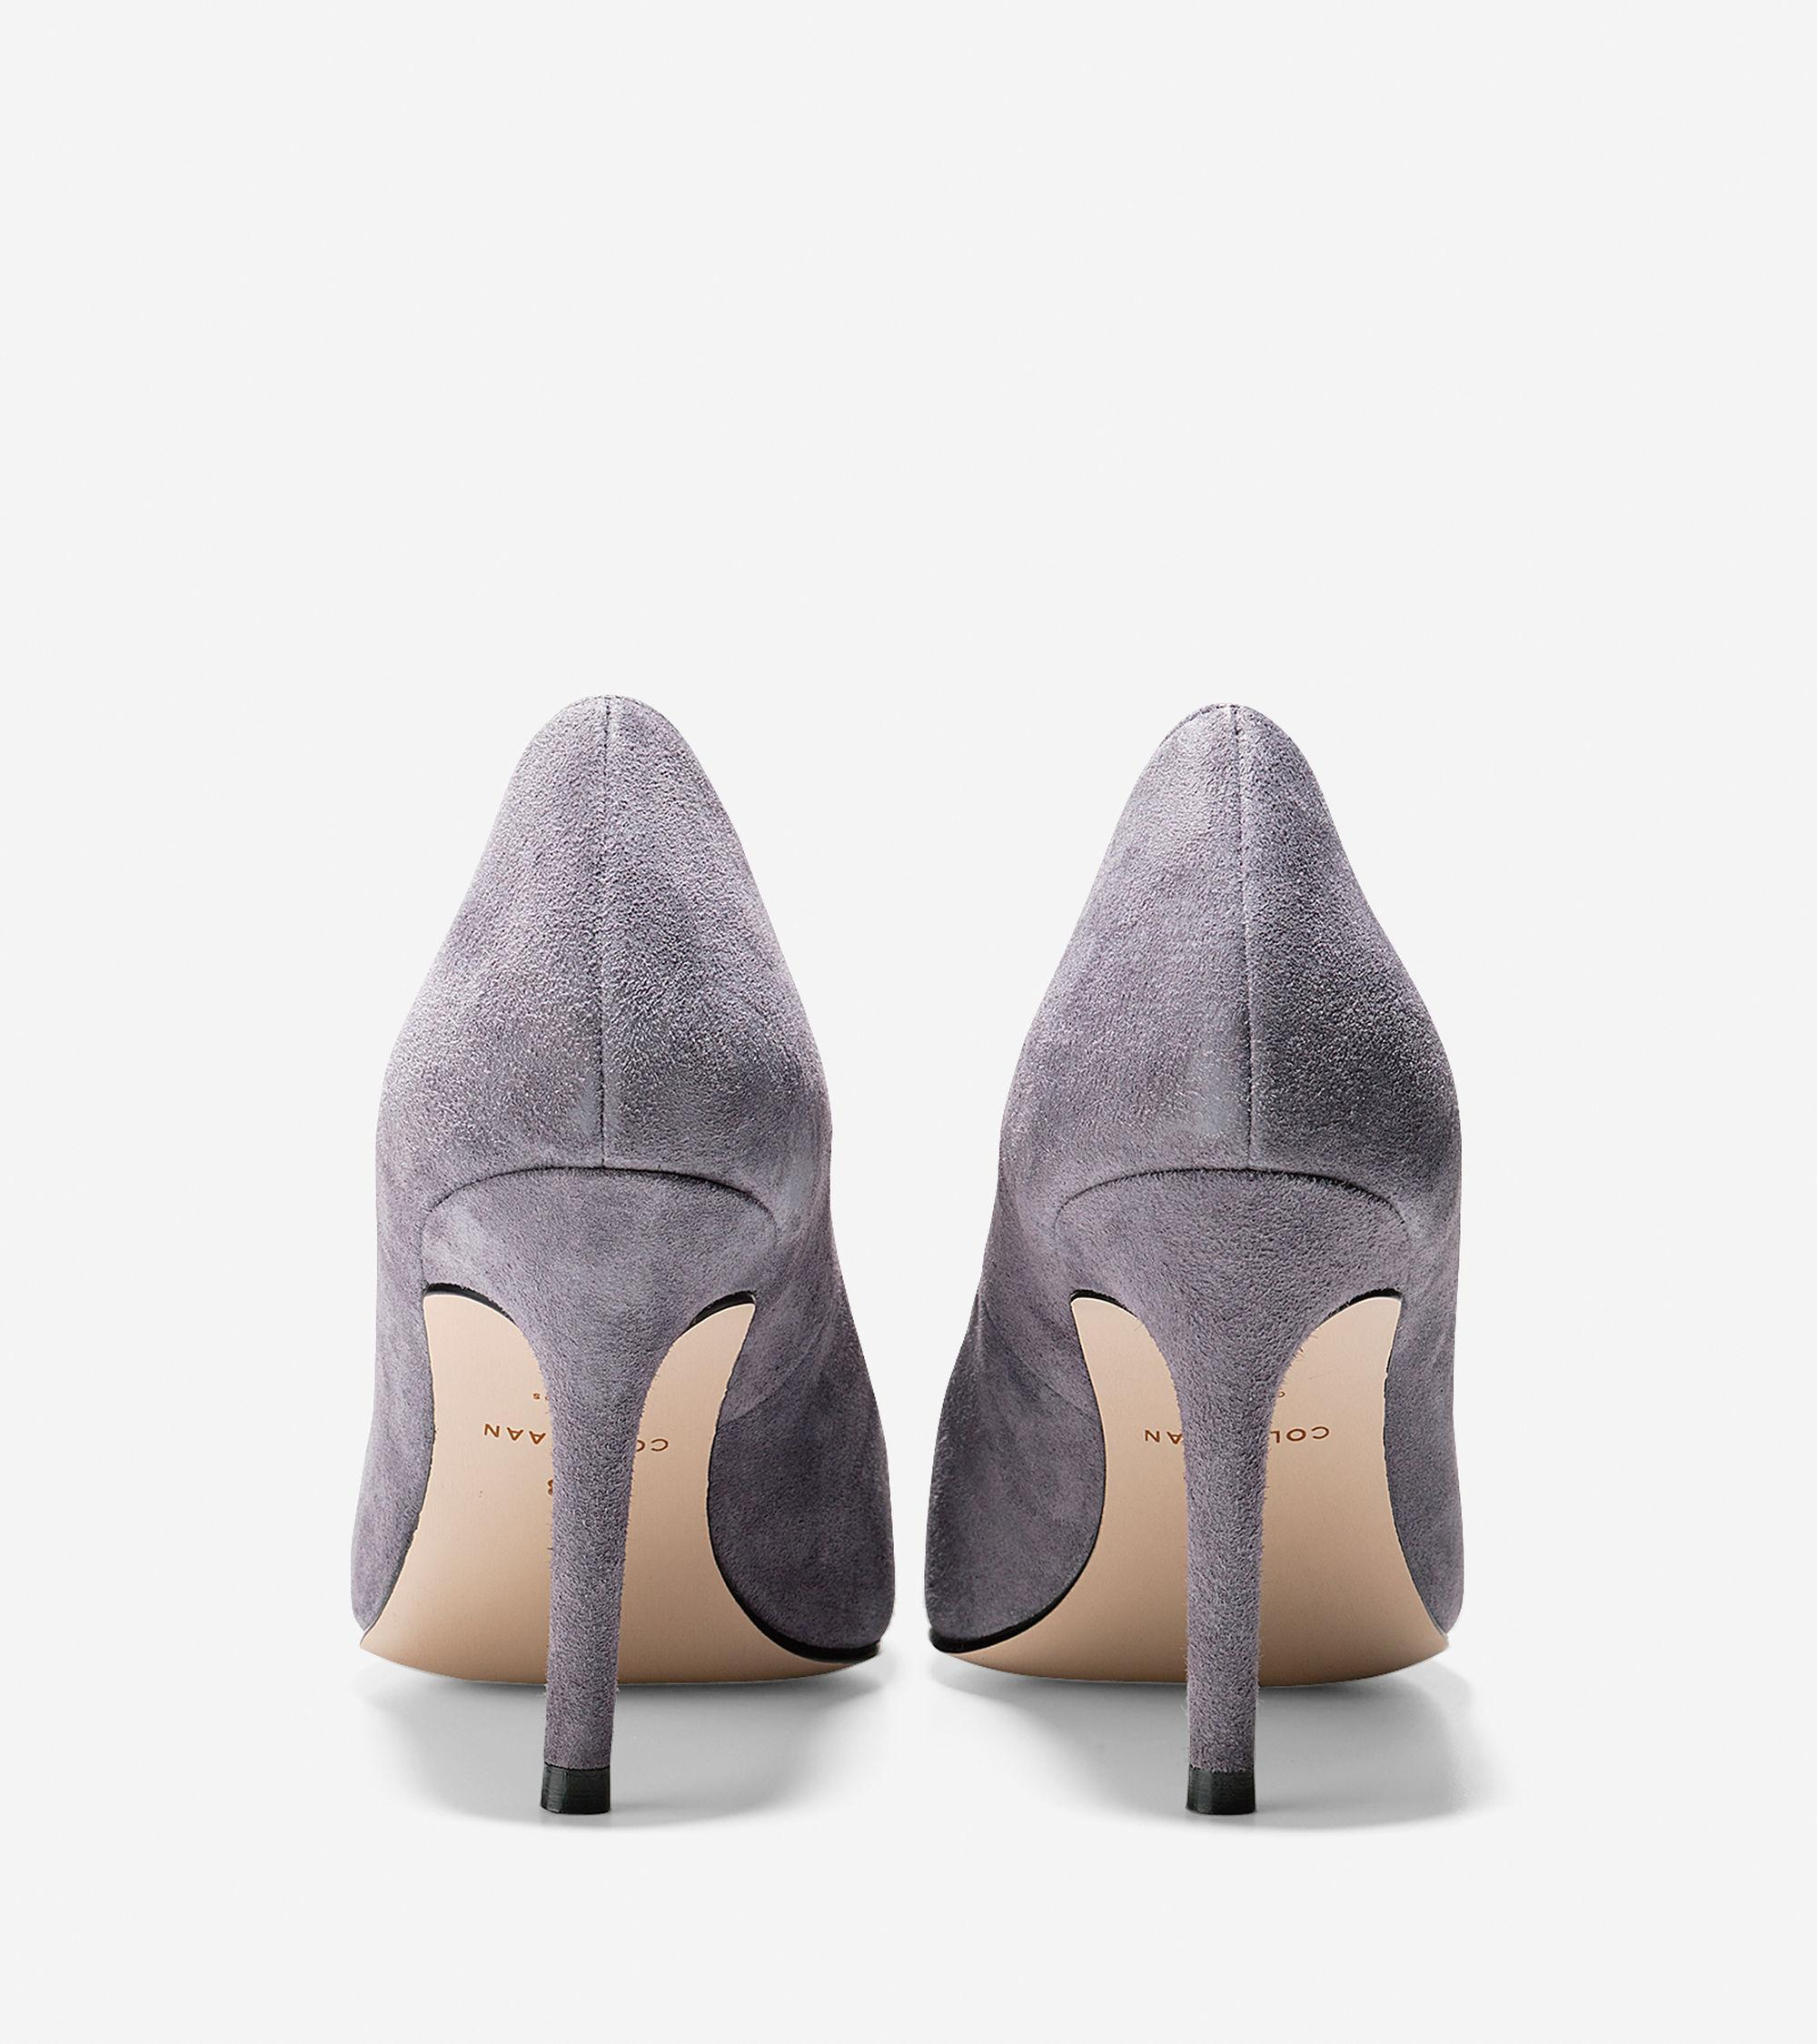 Grey Cole Haan High Heels Shoes